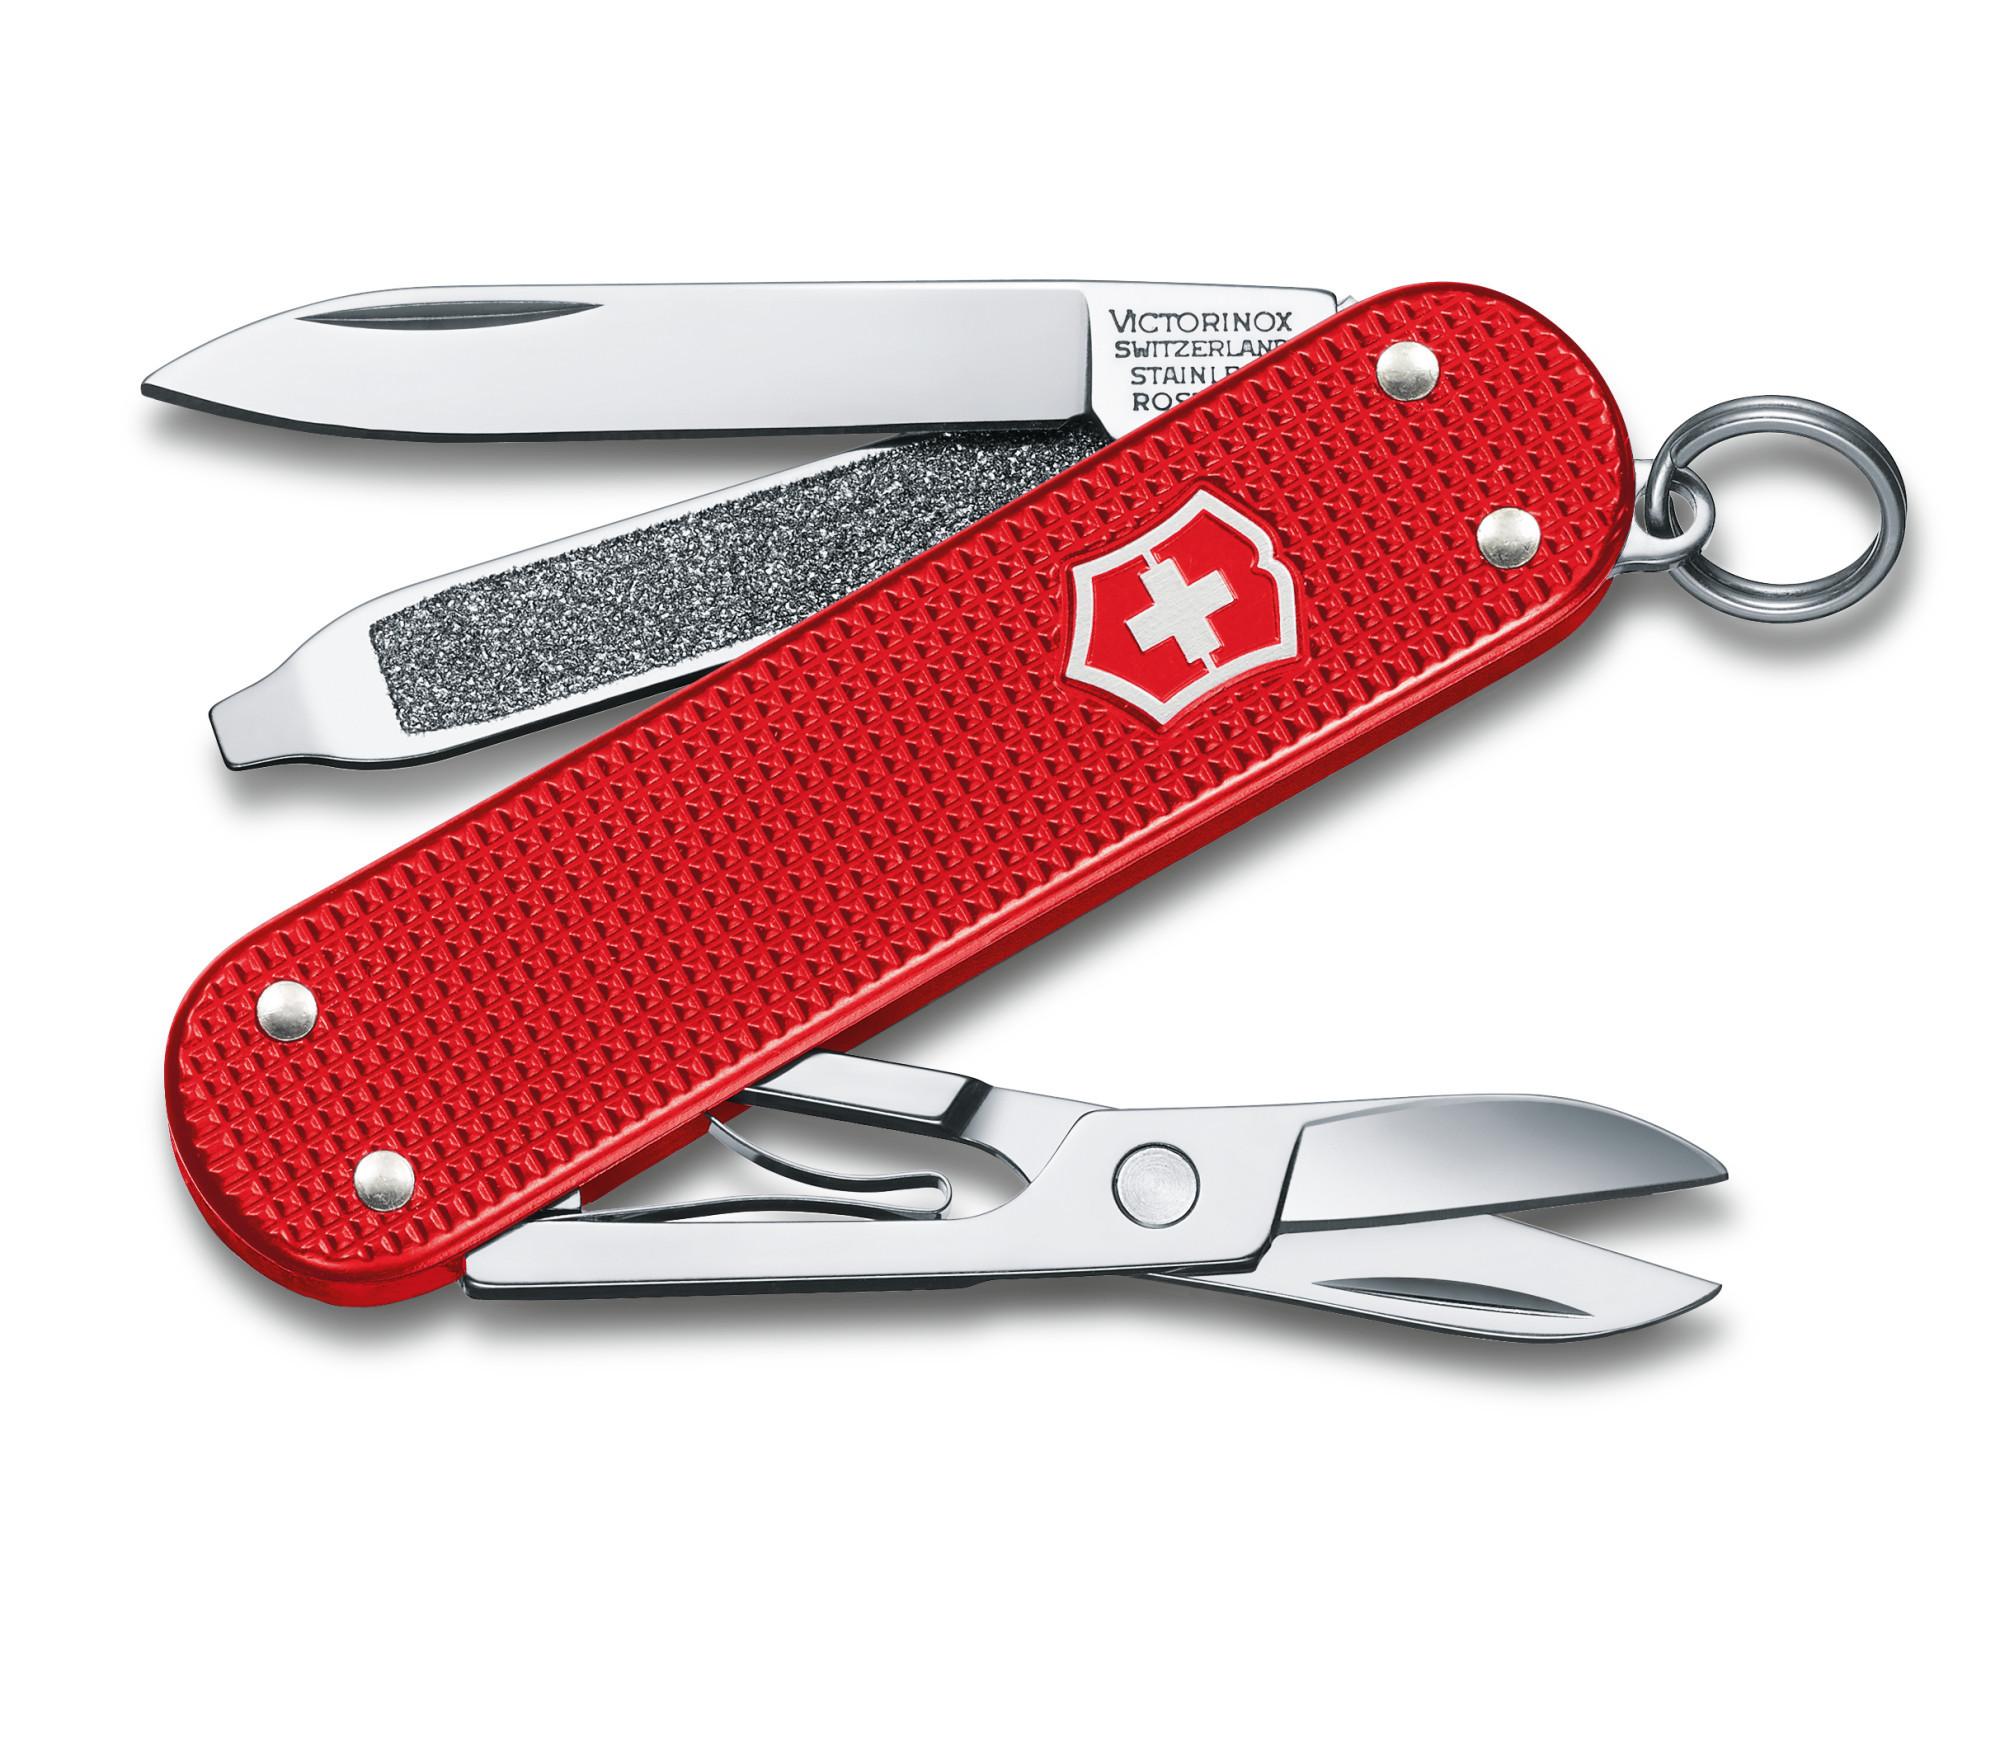 Складной нож-брелок Victorinox Classic Alox Limited Edition 2018 (0.6221.L18) лимитированное издание, подарочная упаковка